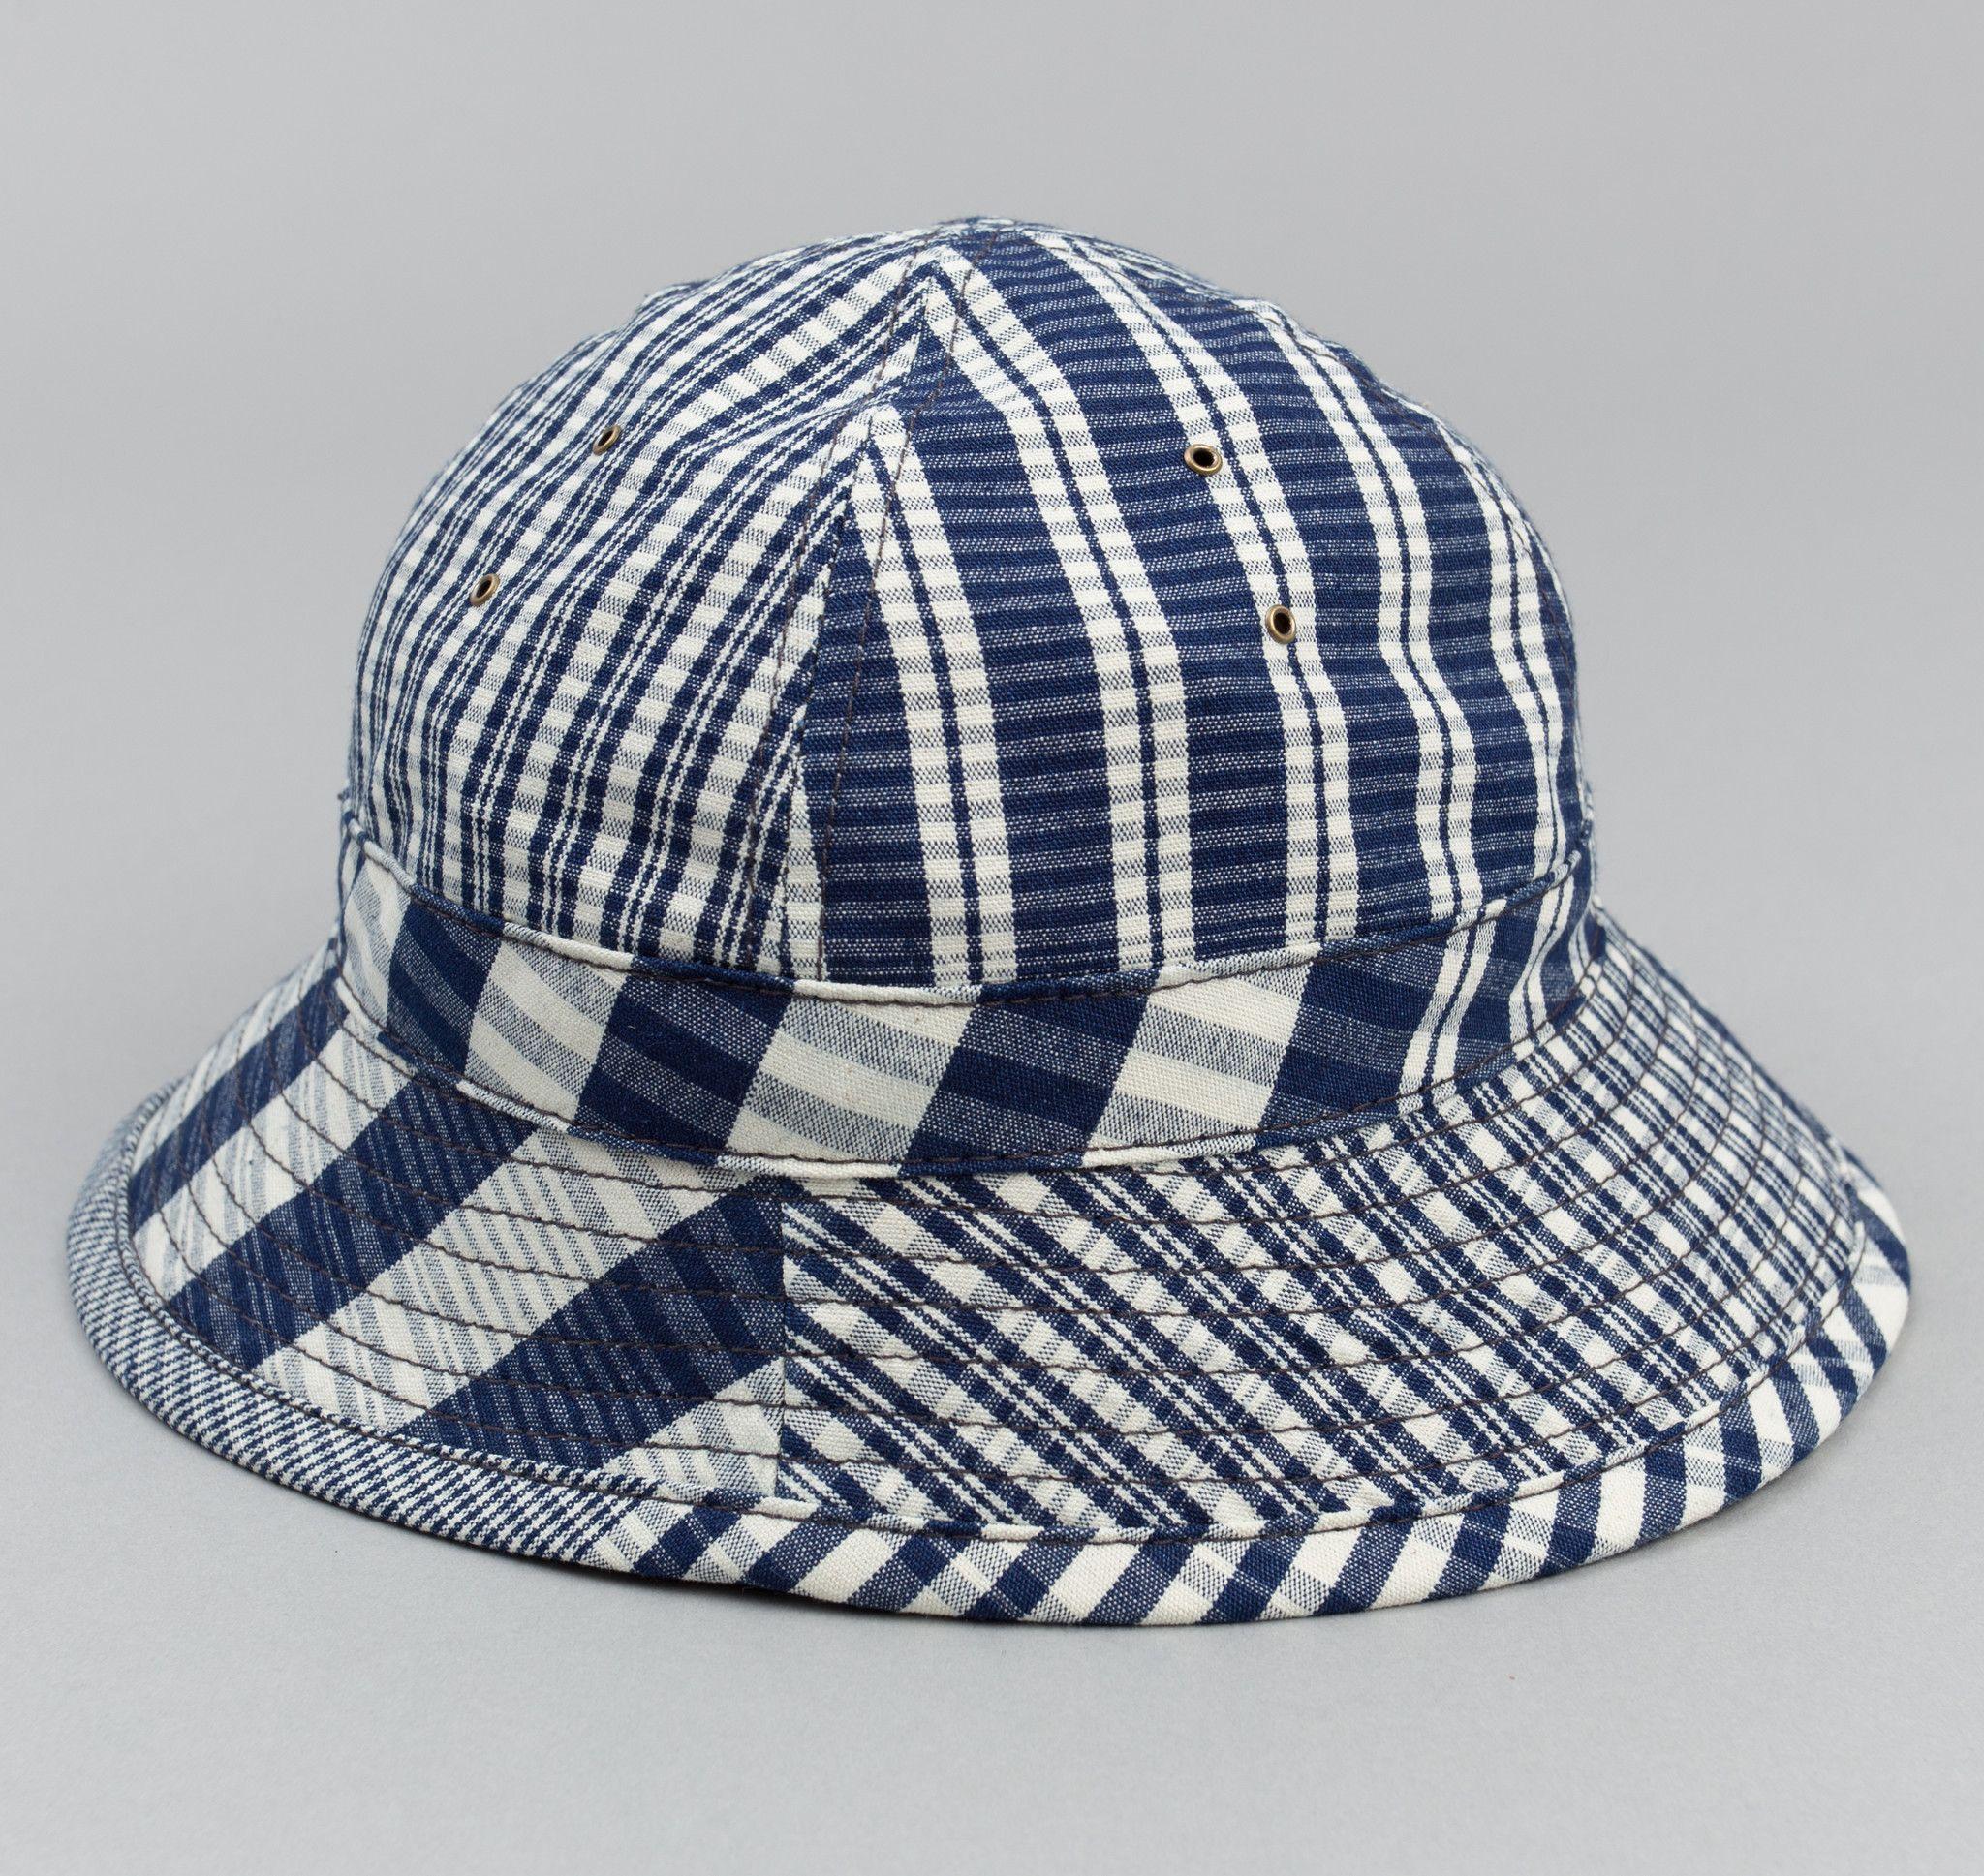 Non-Repeating Check Oxford Daisy Mae Hat 412e3acee81b